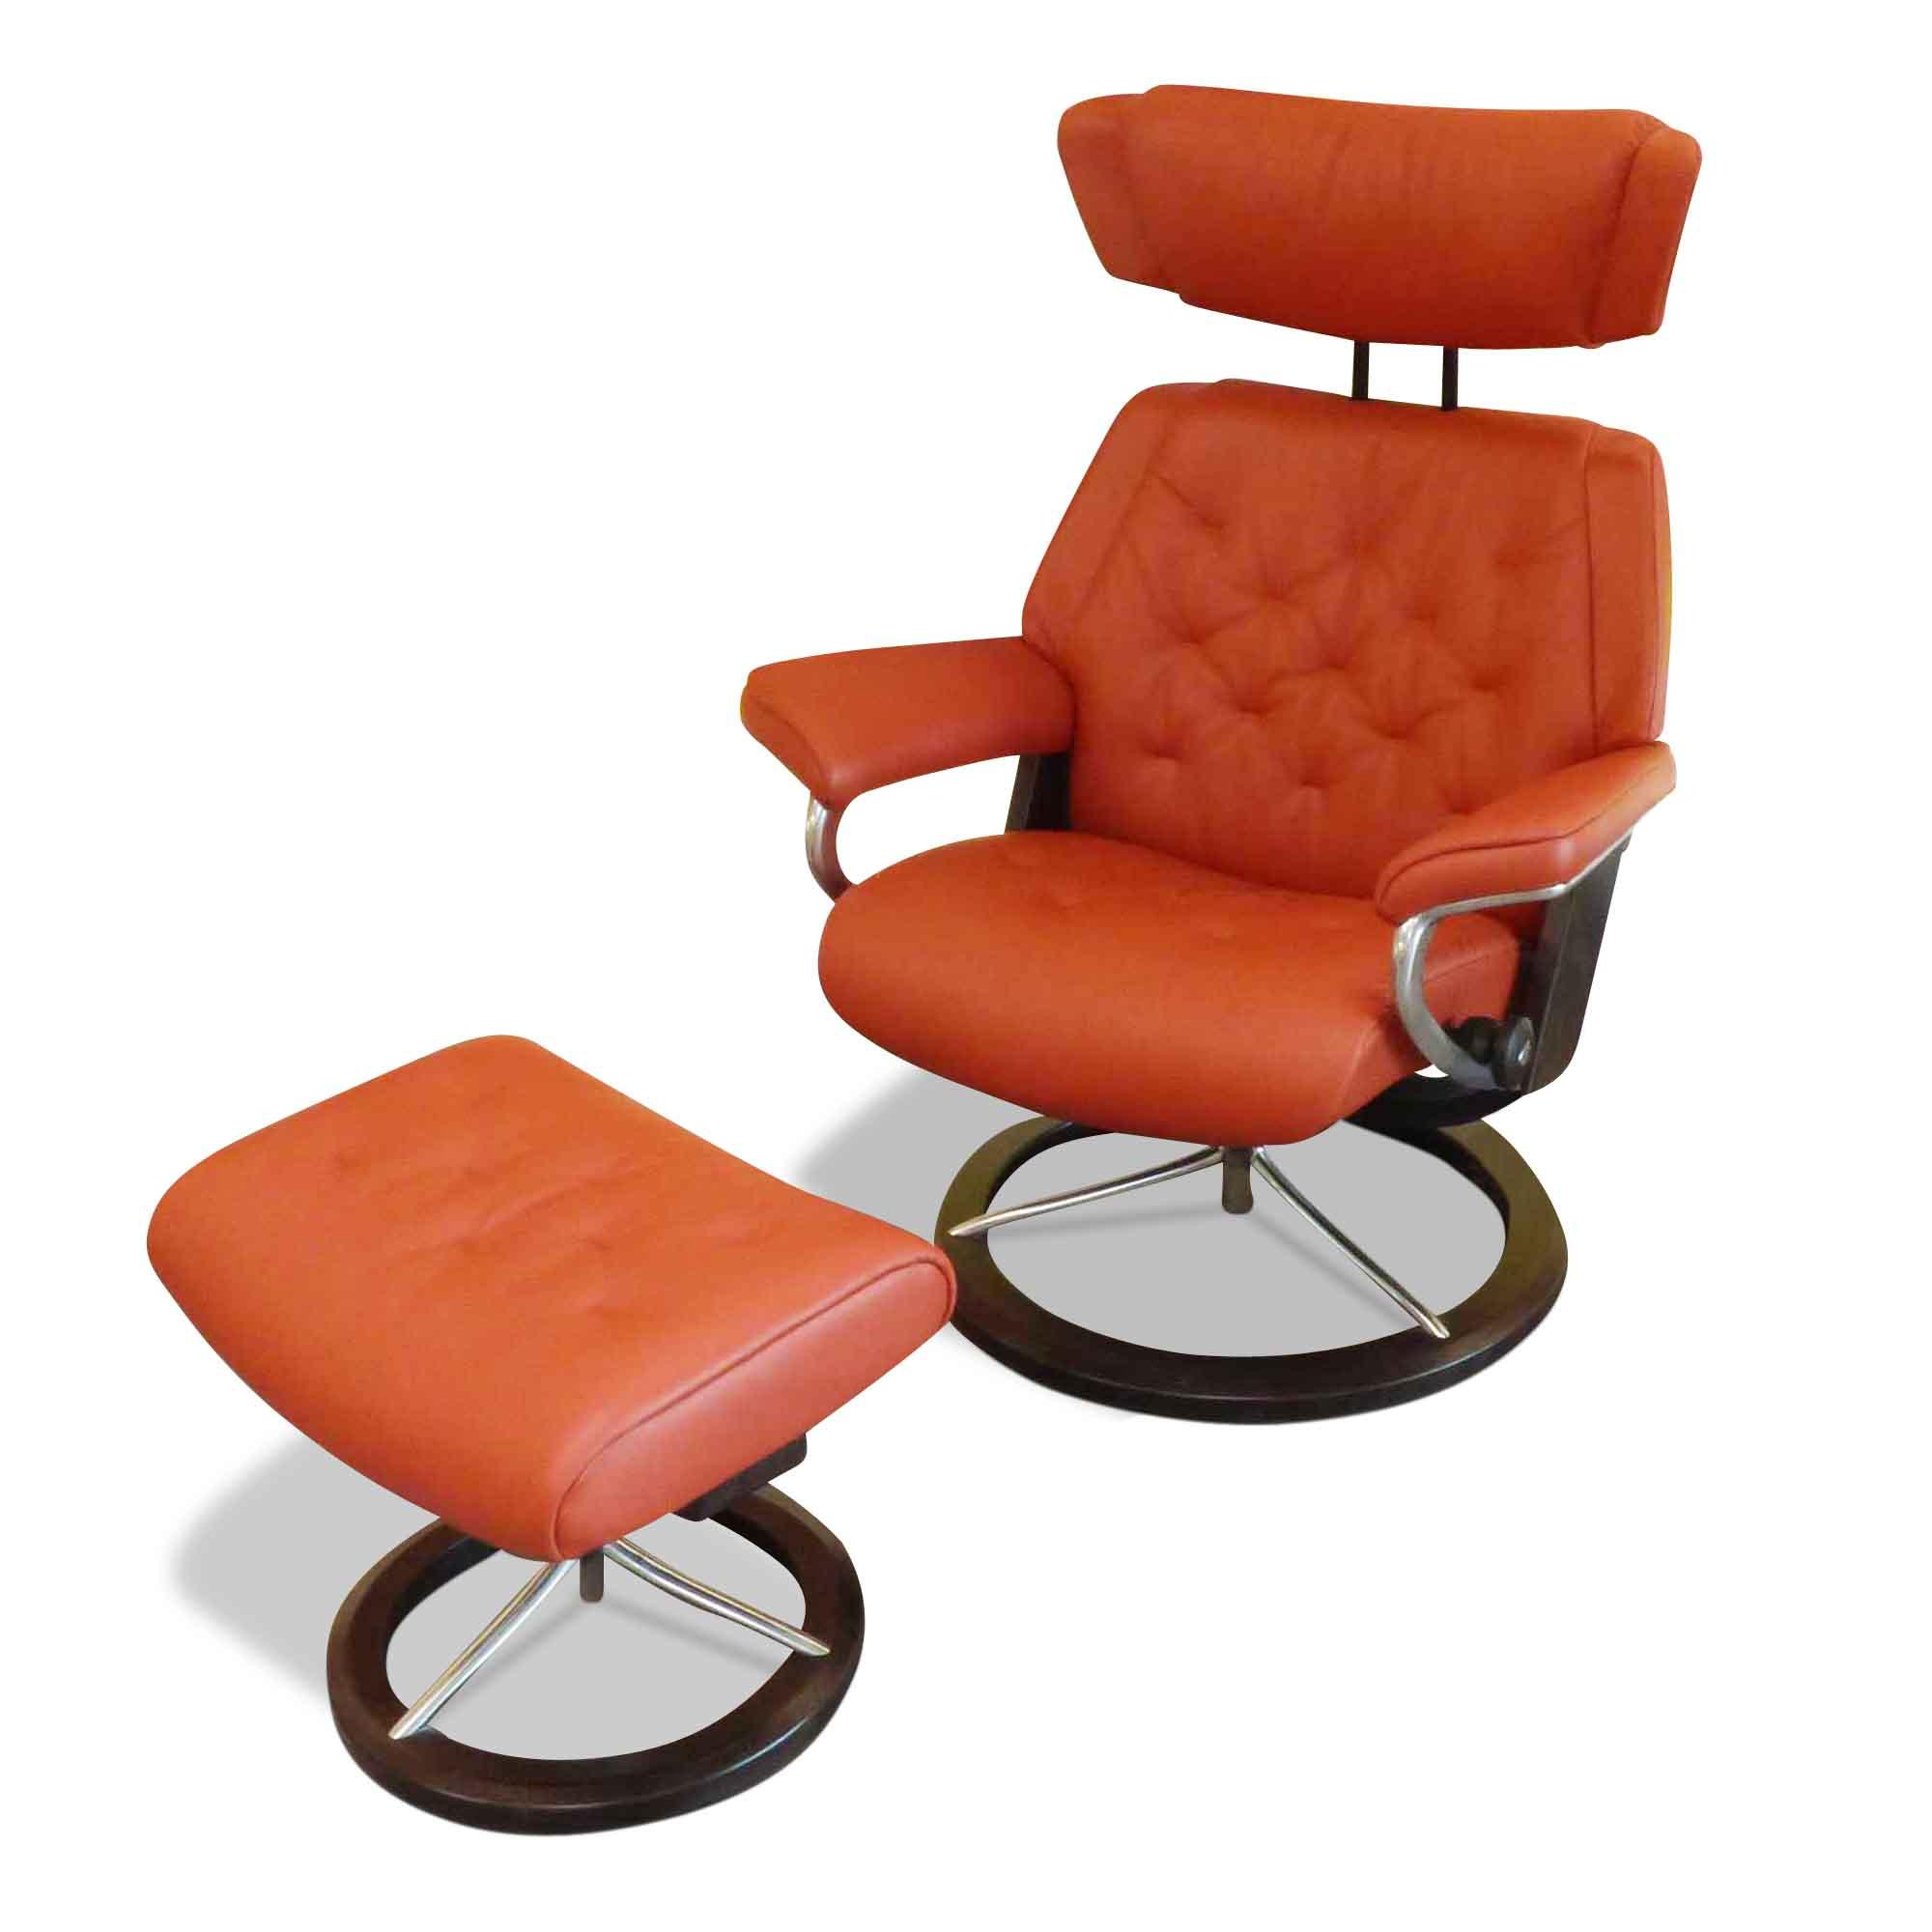 stressless designer sessel skyline m mit hocker rot. Black Bedroom Furniture Sets. Home Design Ideas